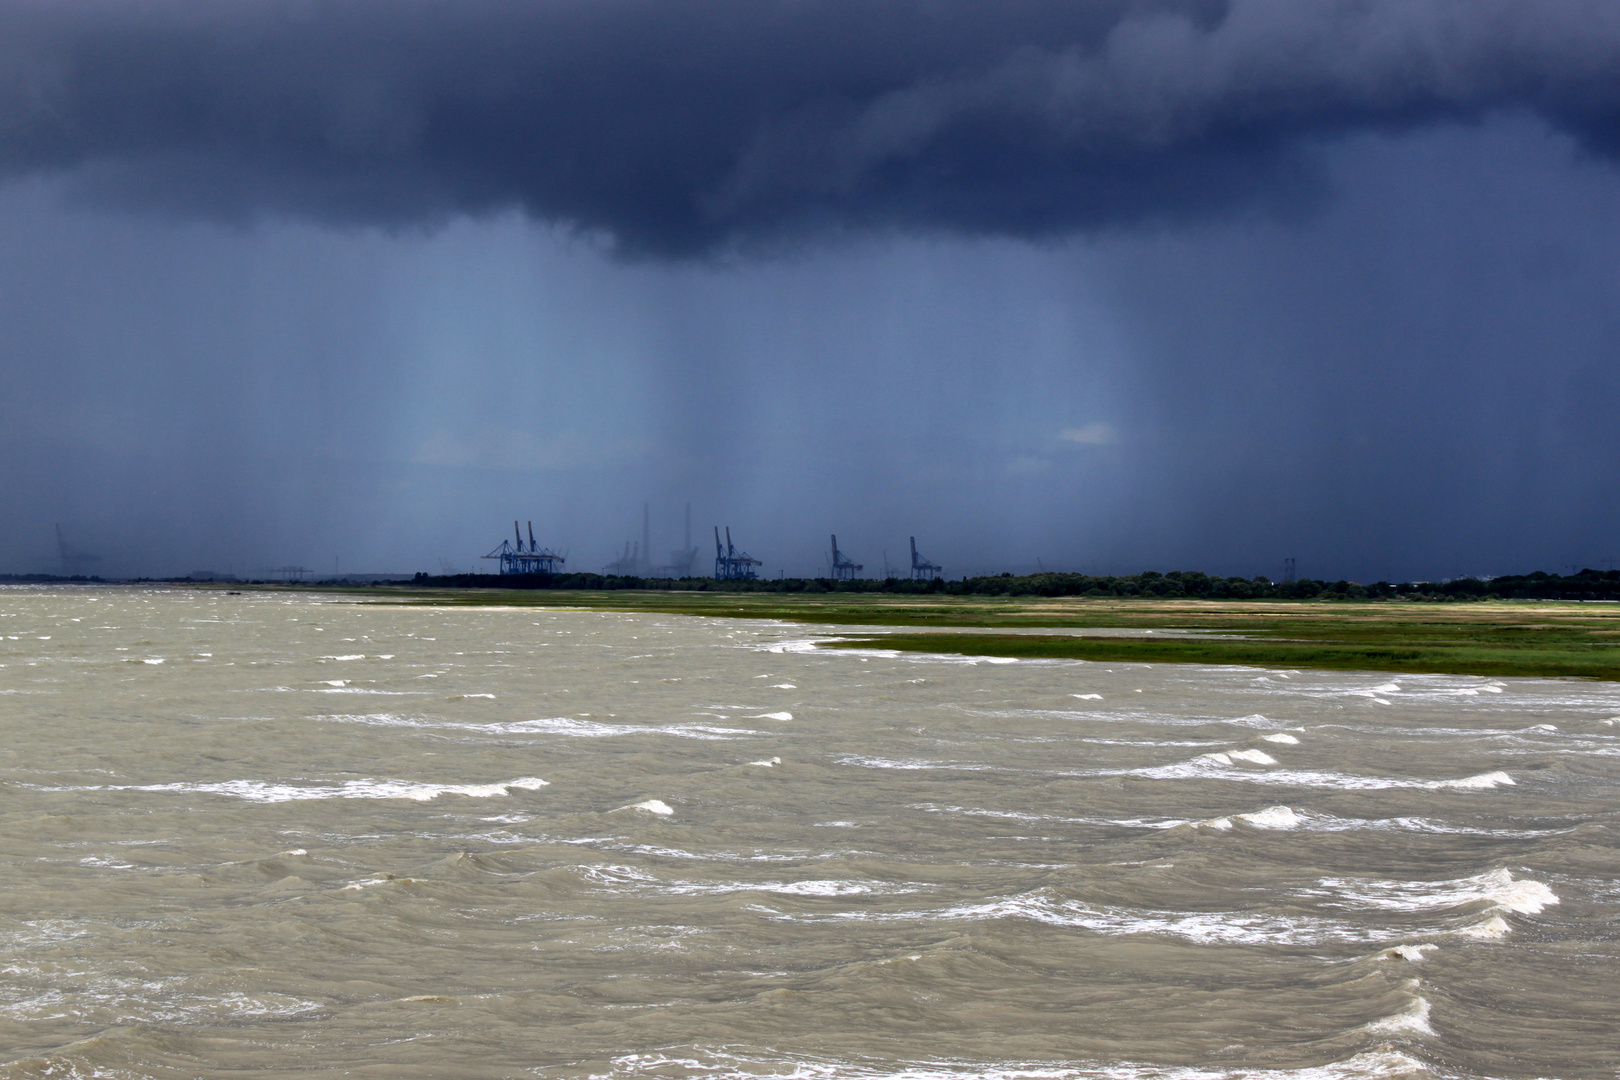 Schweres Wetter an der Seinemündung bei Le Havre, Frankreich